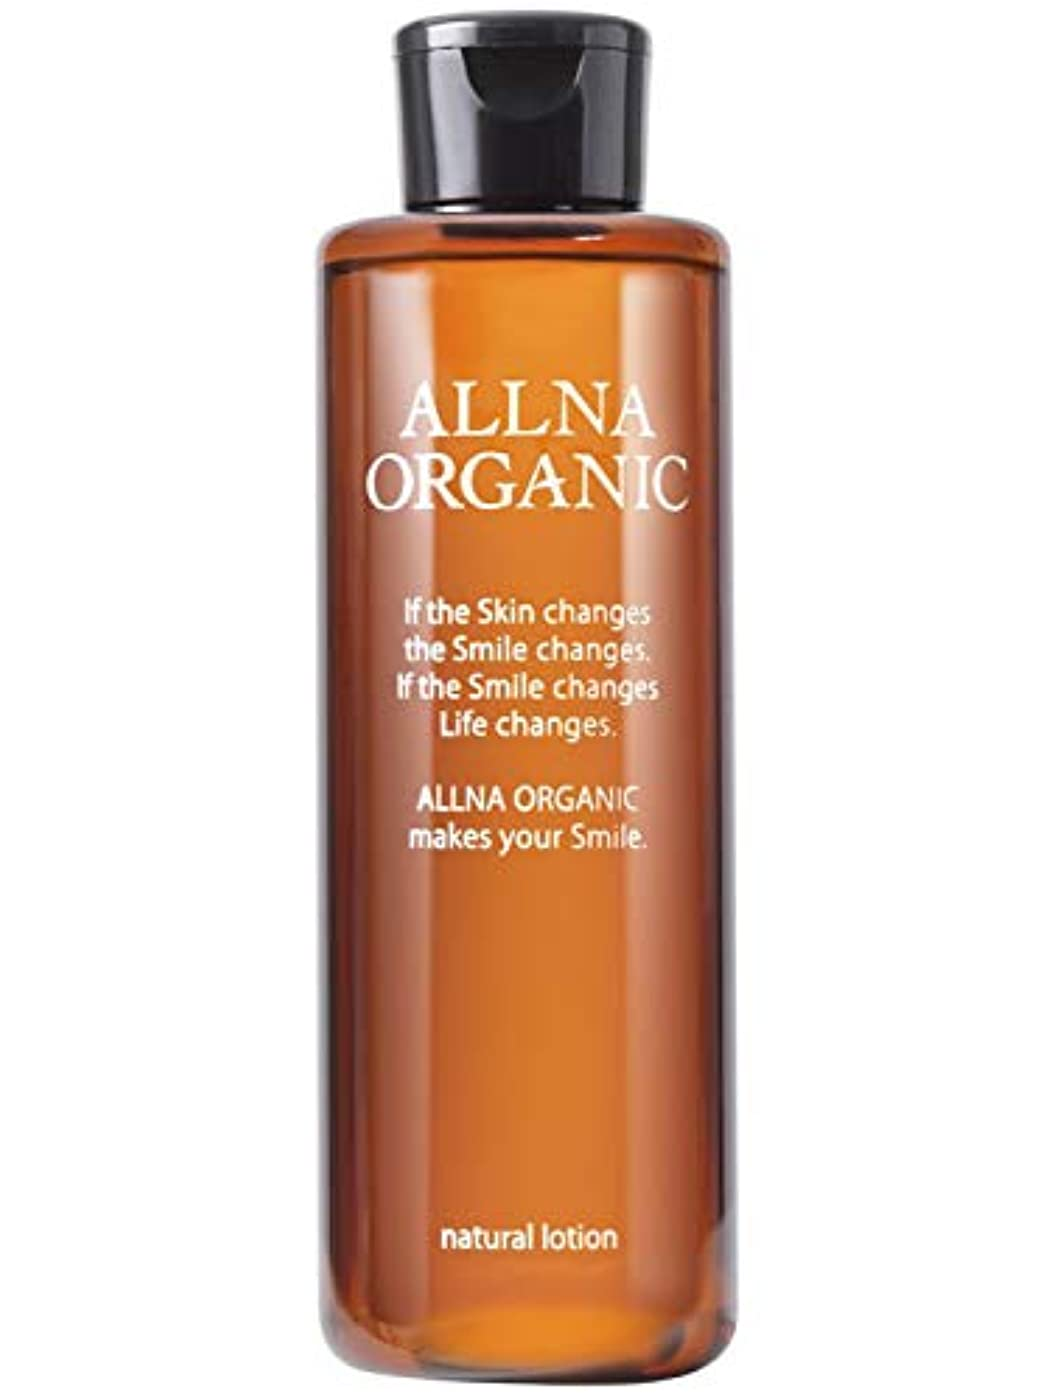 快適鷹嫌いオルナ オーガニック 化粧水 「 保湿 乾燥 かさつき 用」「 コラーゲン ビタミンC誘導体 ヒアルロン酸 セラミド 配合」200ml